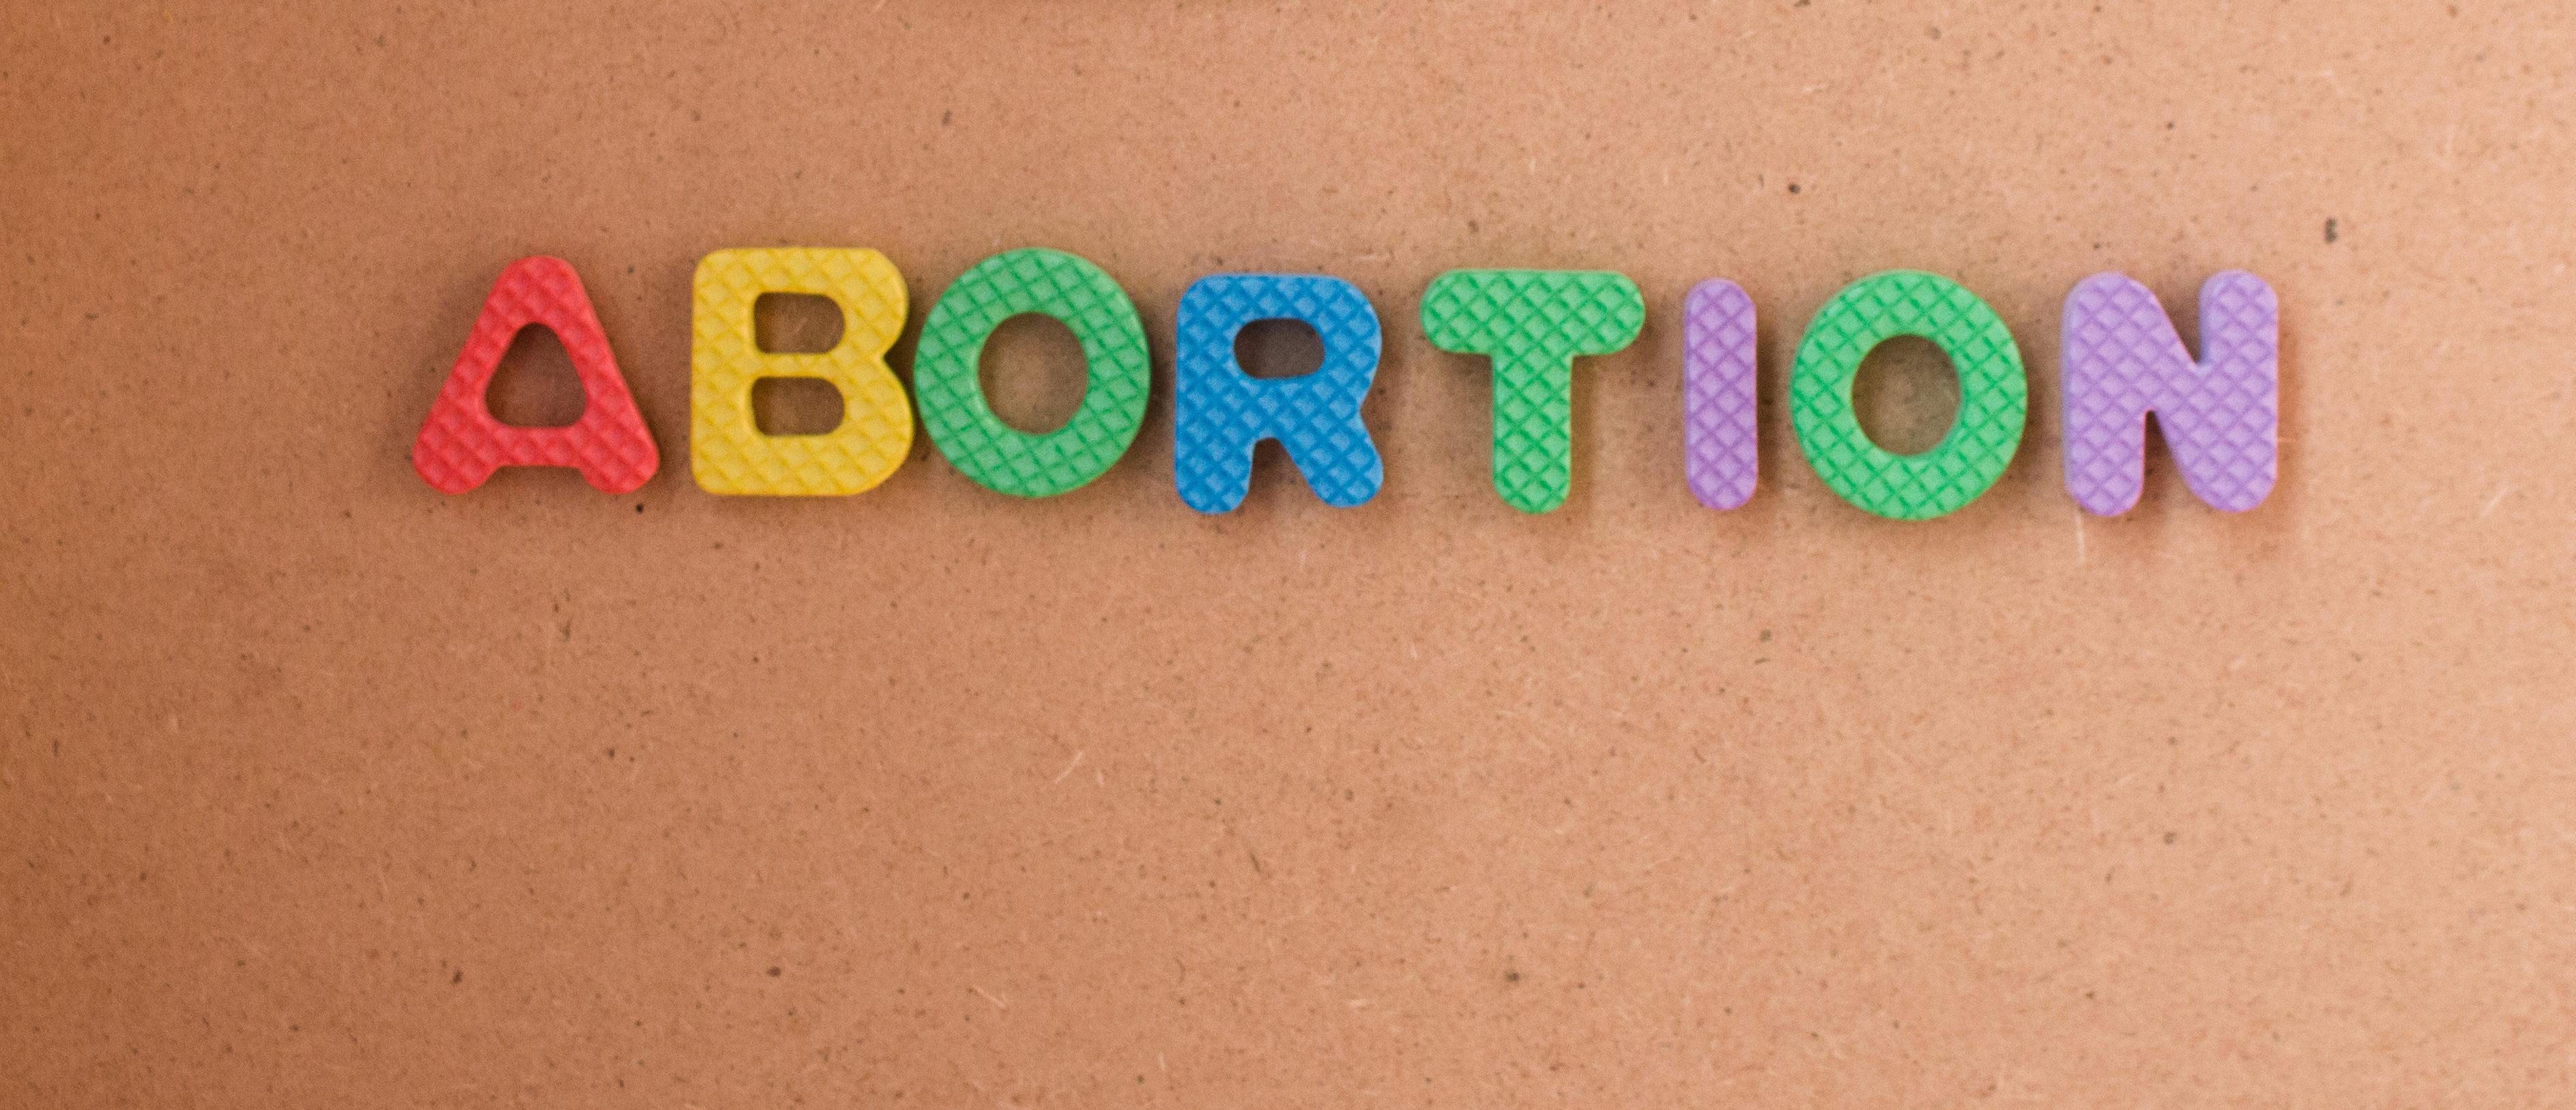 Abortion in colored letters (Shutterstock/MD ZAKIR HOSSAIN SOHEL)